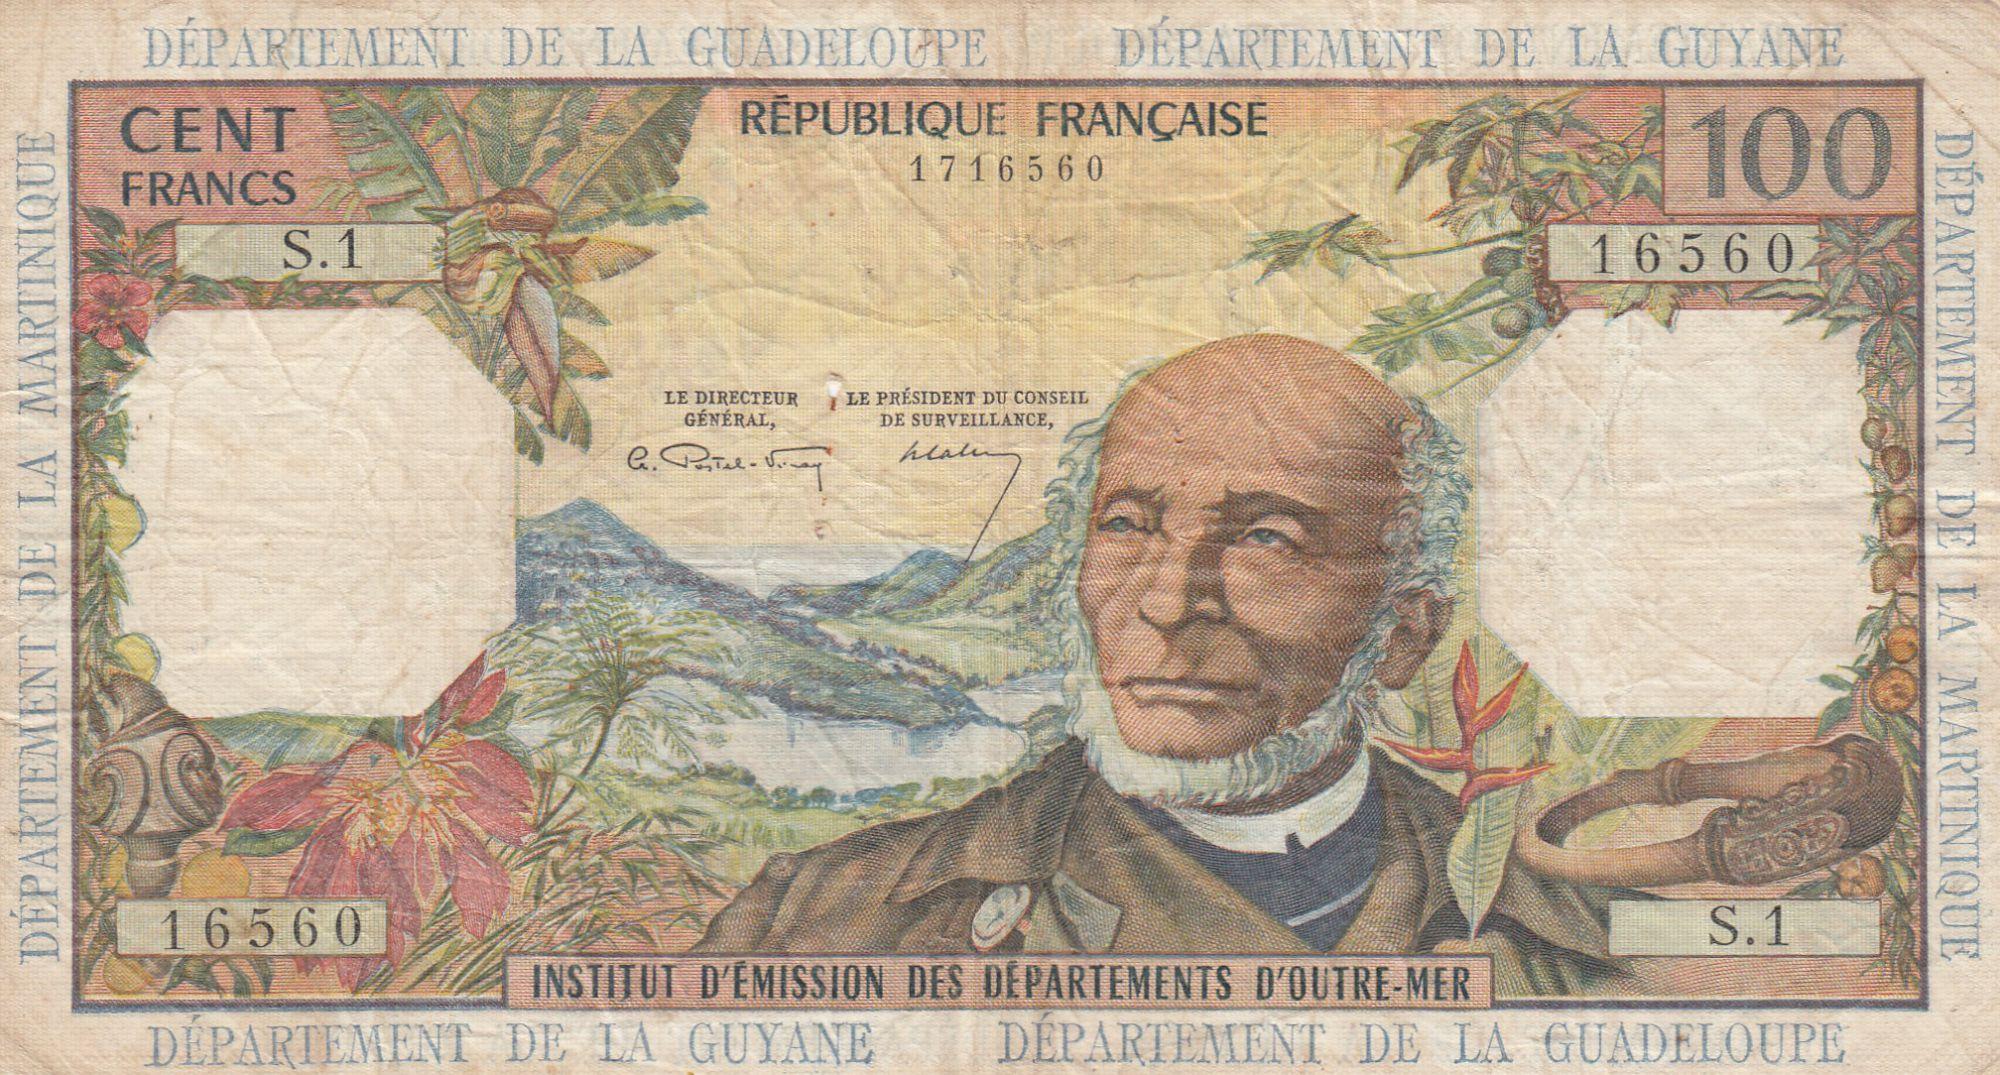 Antilles Françaises 100 Francs Victor Schoelcher - ND (1964) - Série S.1 - p.TTB - P.10a - 1ère signature